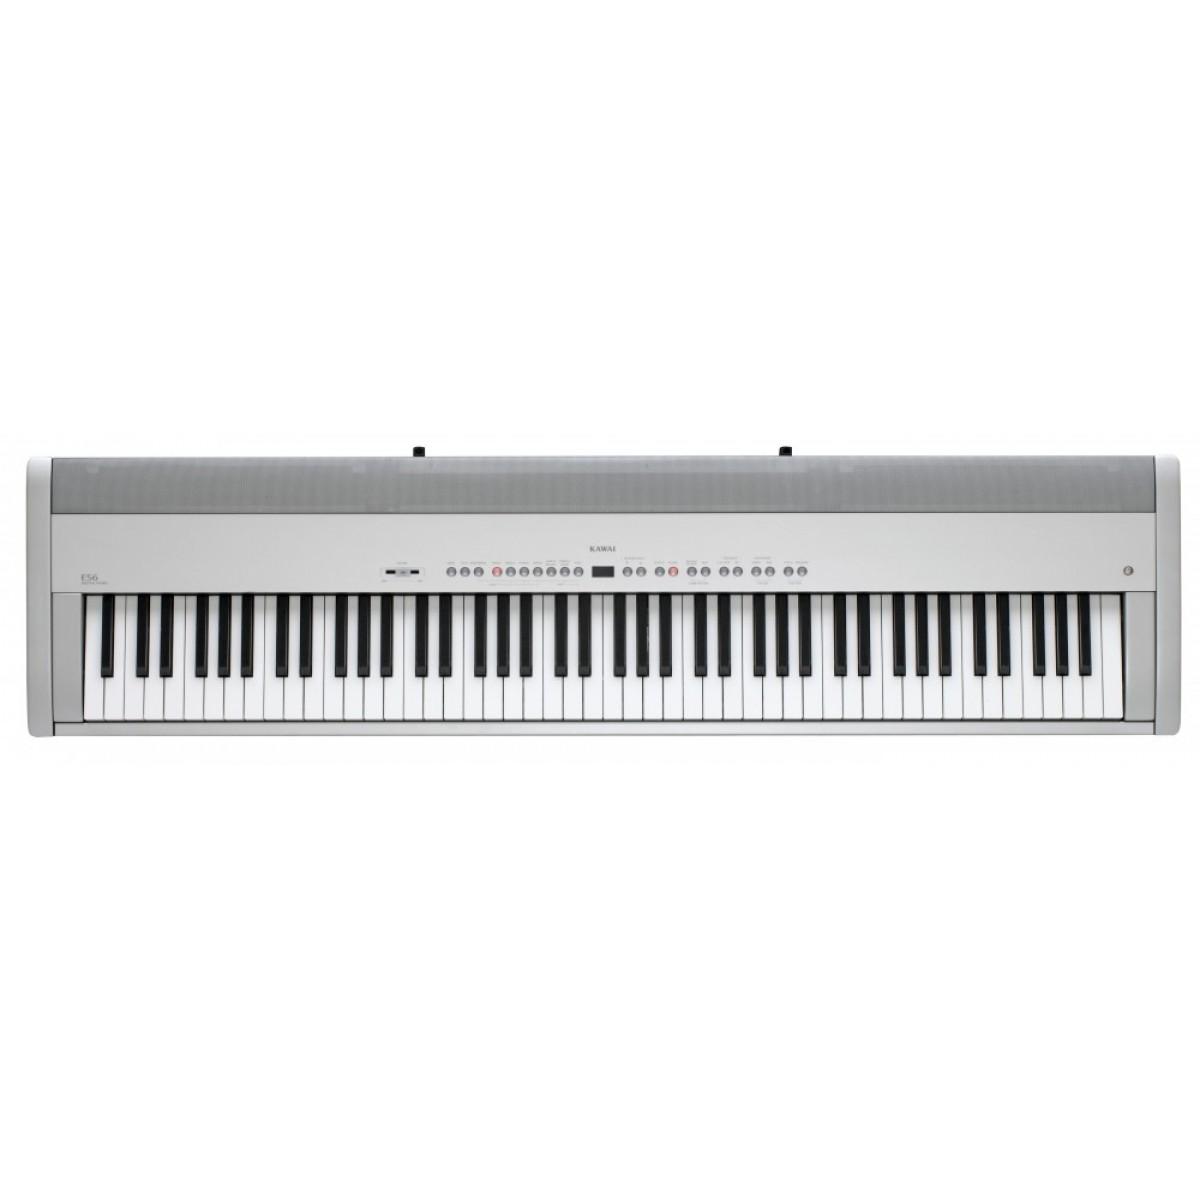 Kawai ES6 | Buy Digital Piano | Best Price